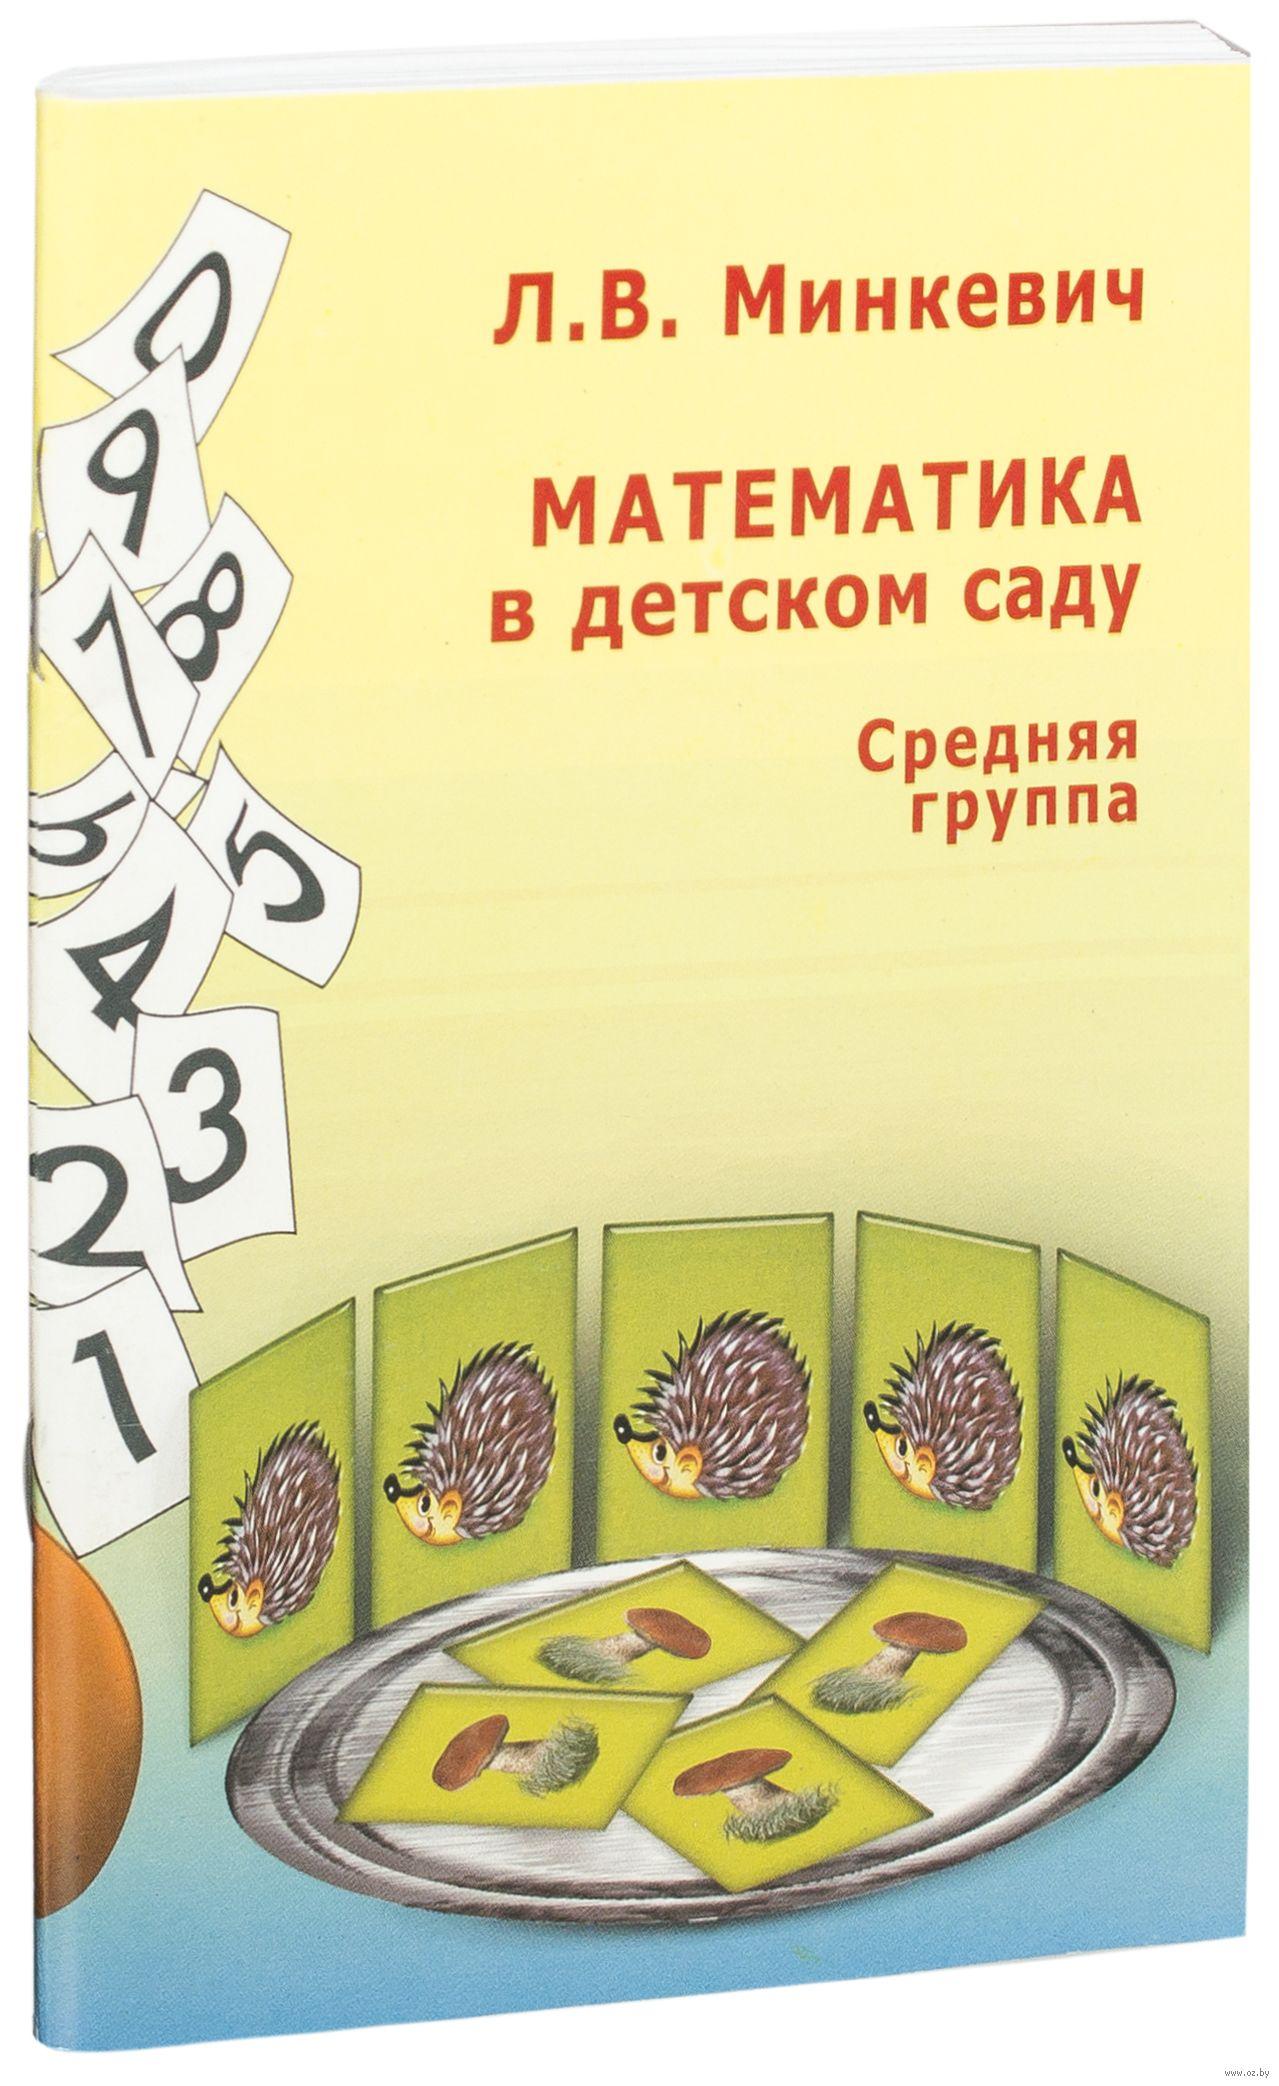 минкевич математика в детском саду скрипторий 2012